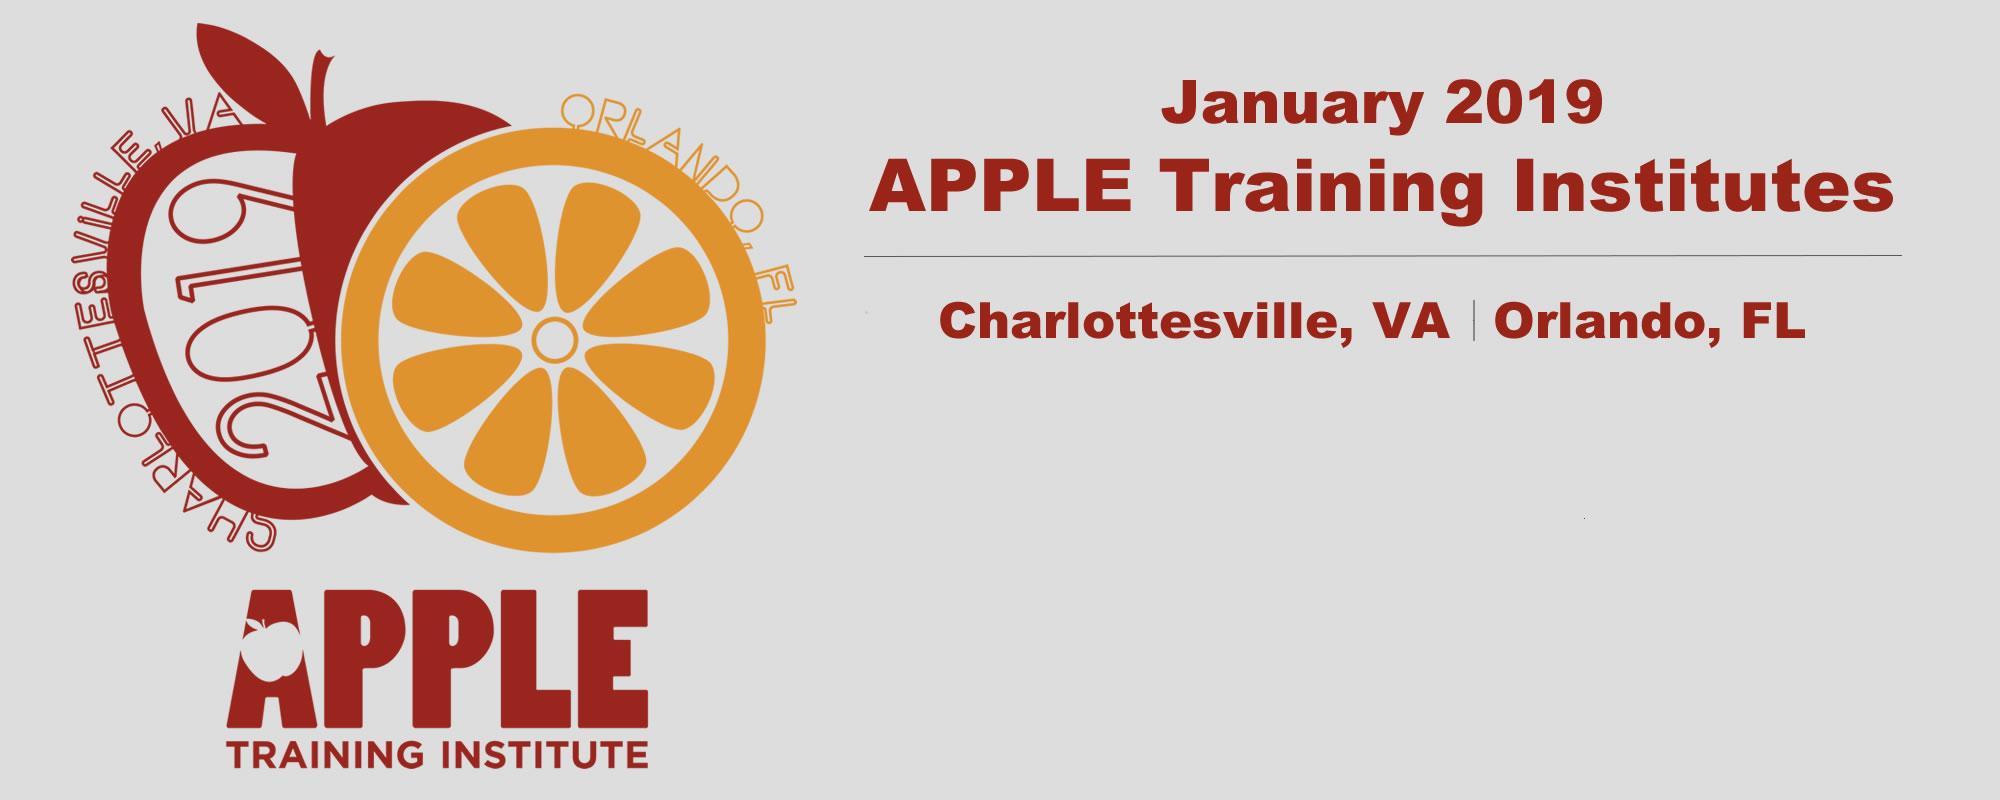 Apple training institute announcement image